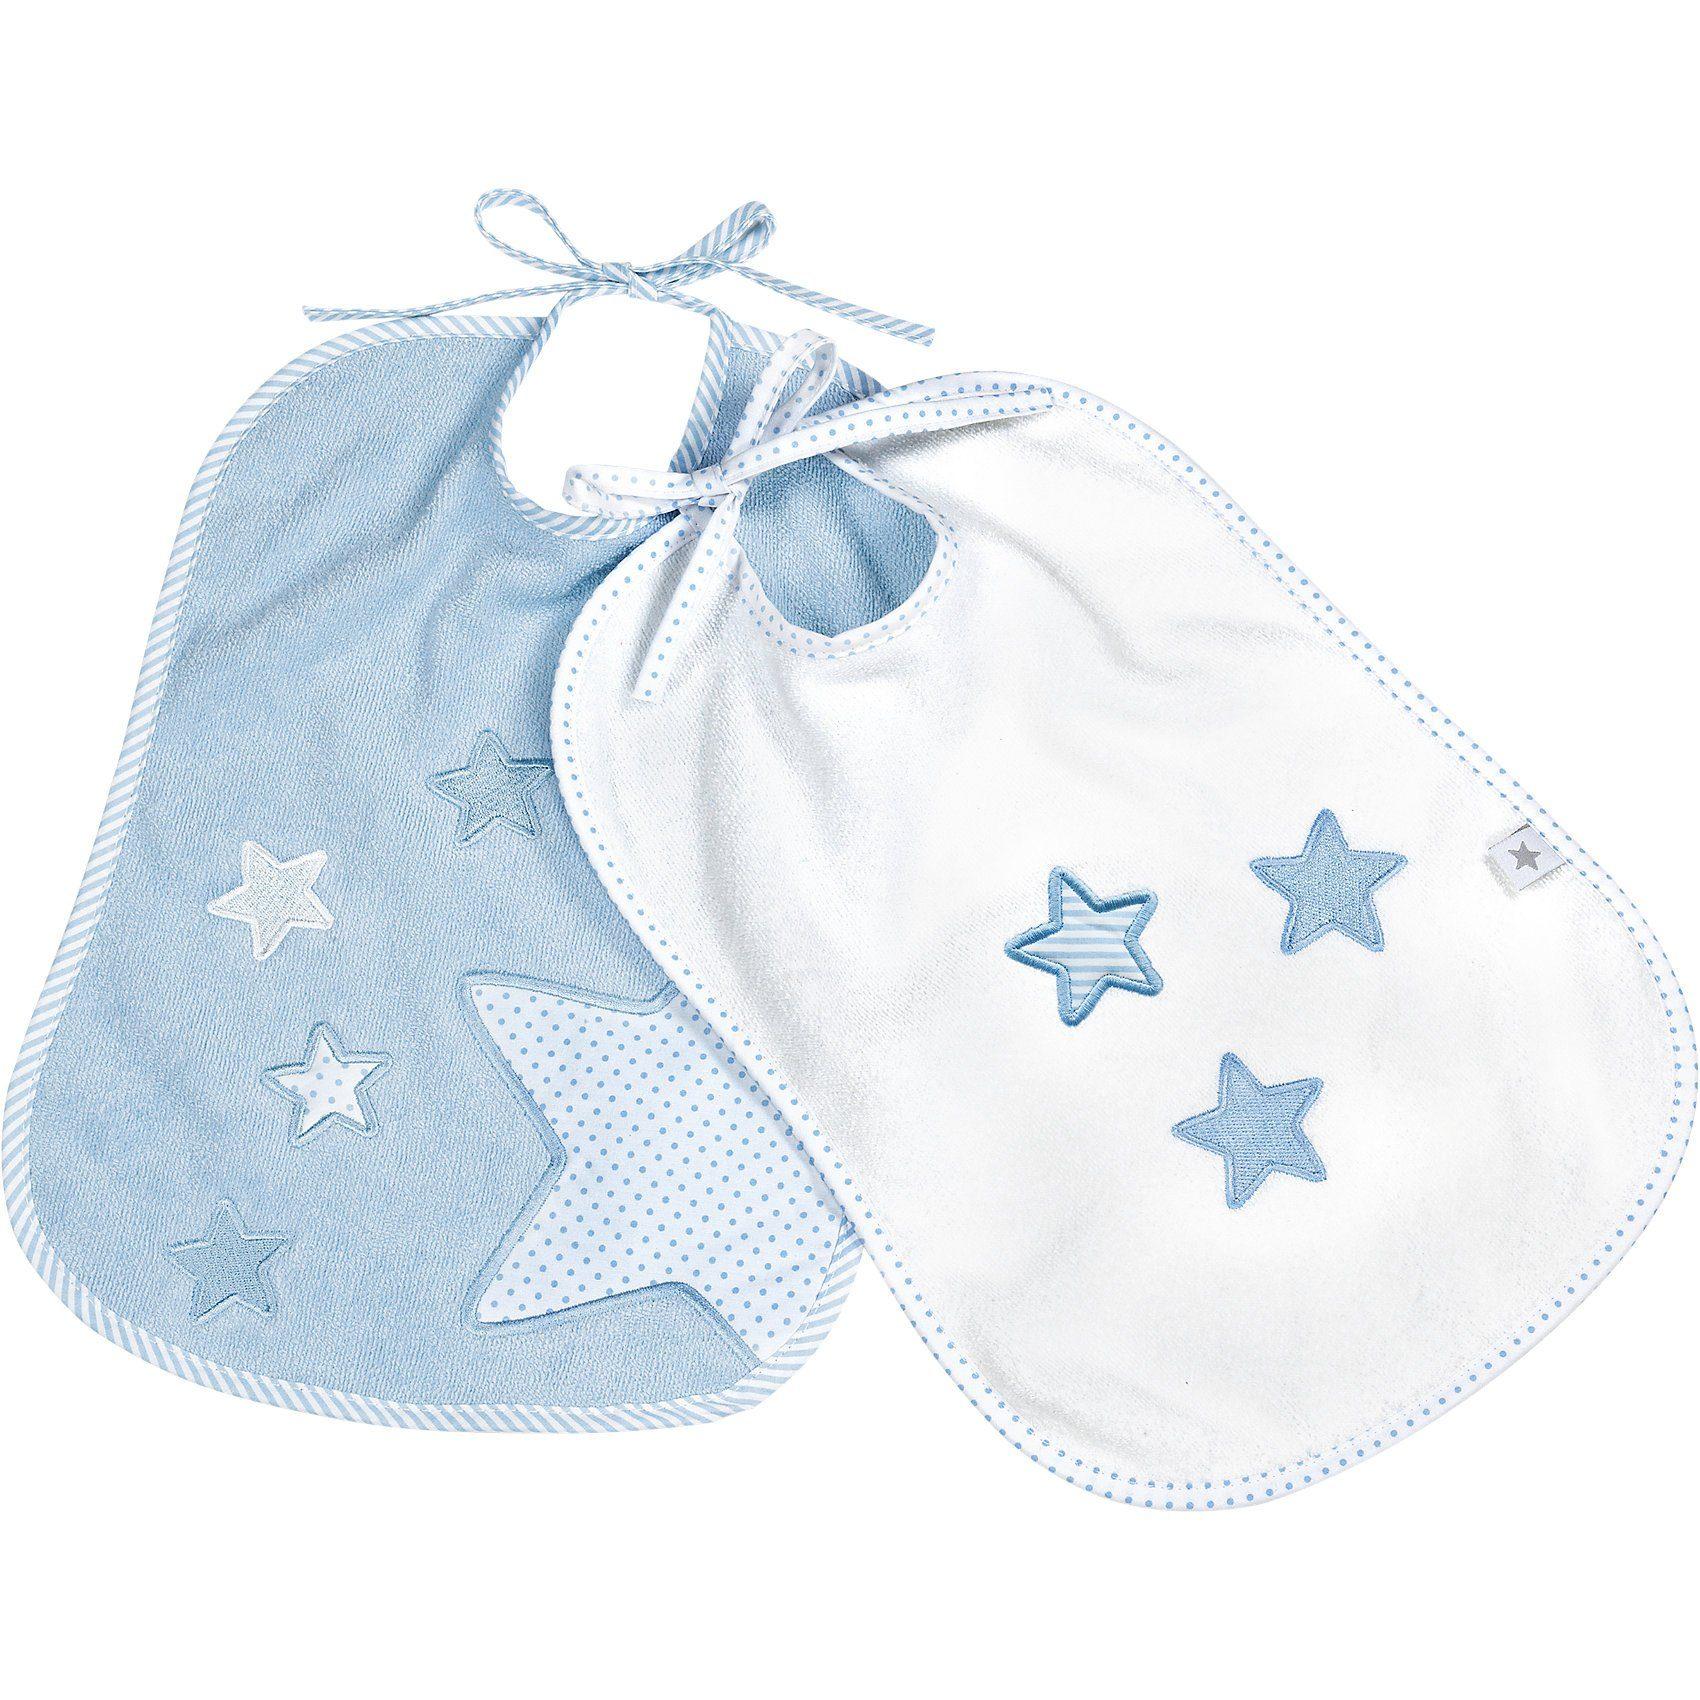 fashy Lätzchen Sterne, 2er Pack, weiß + blau